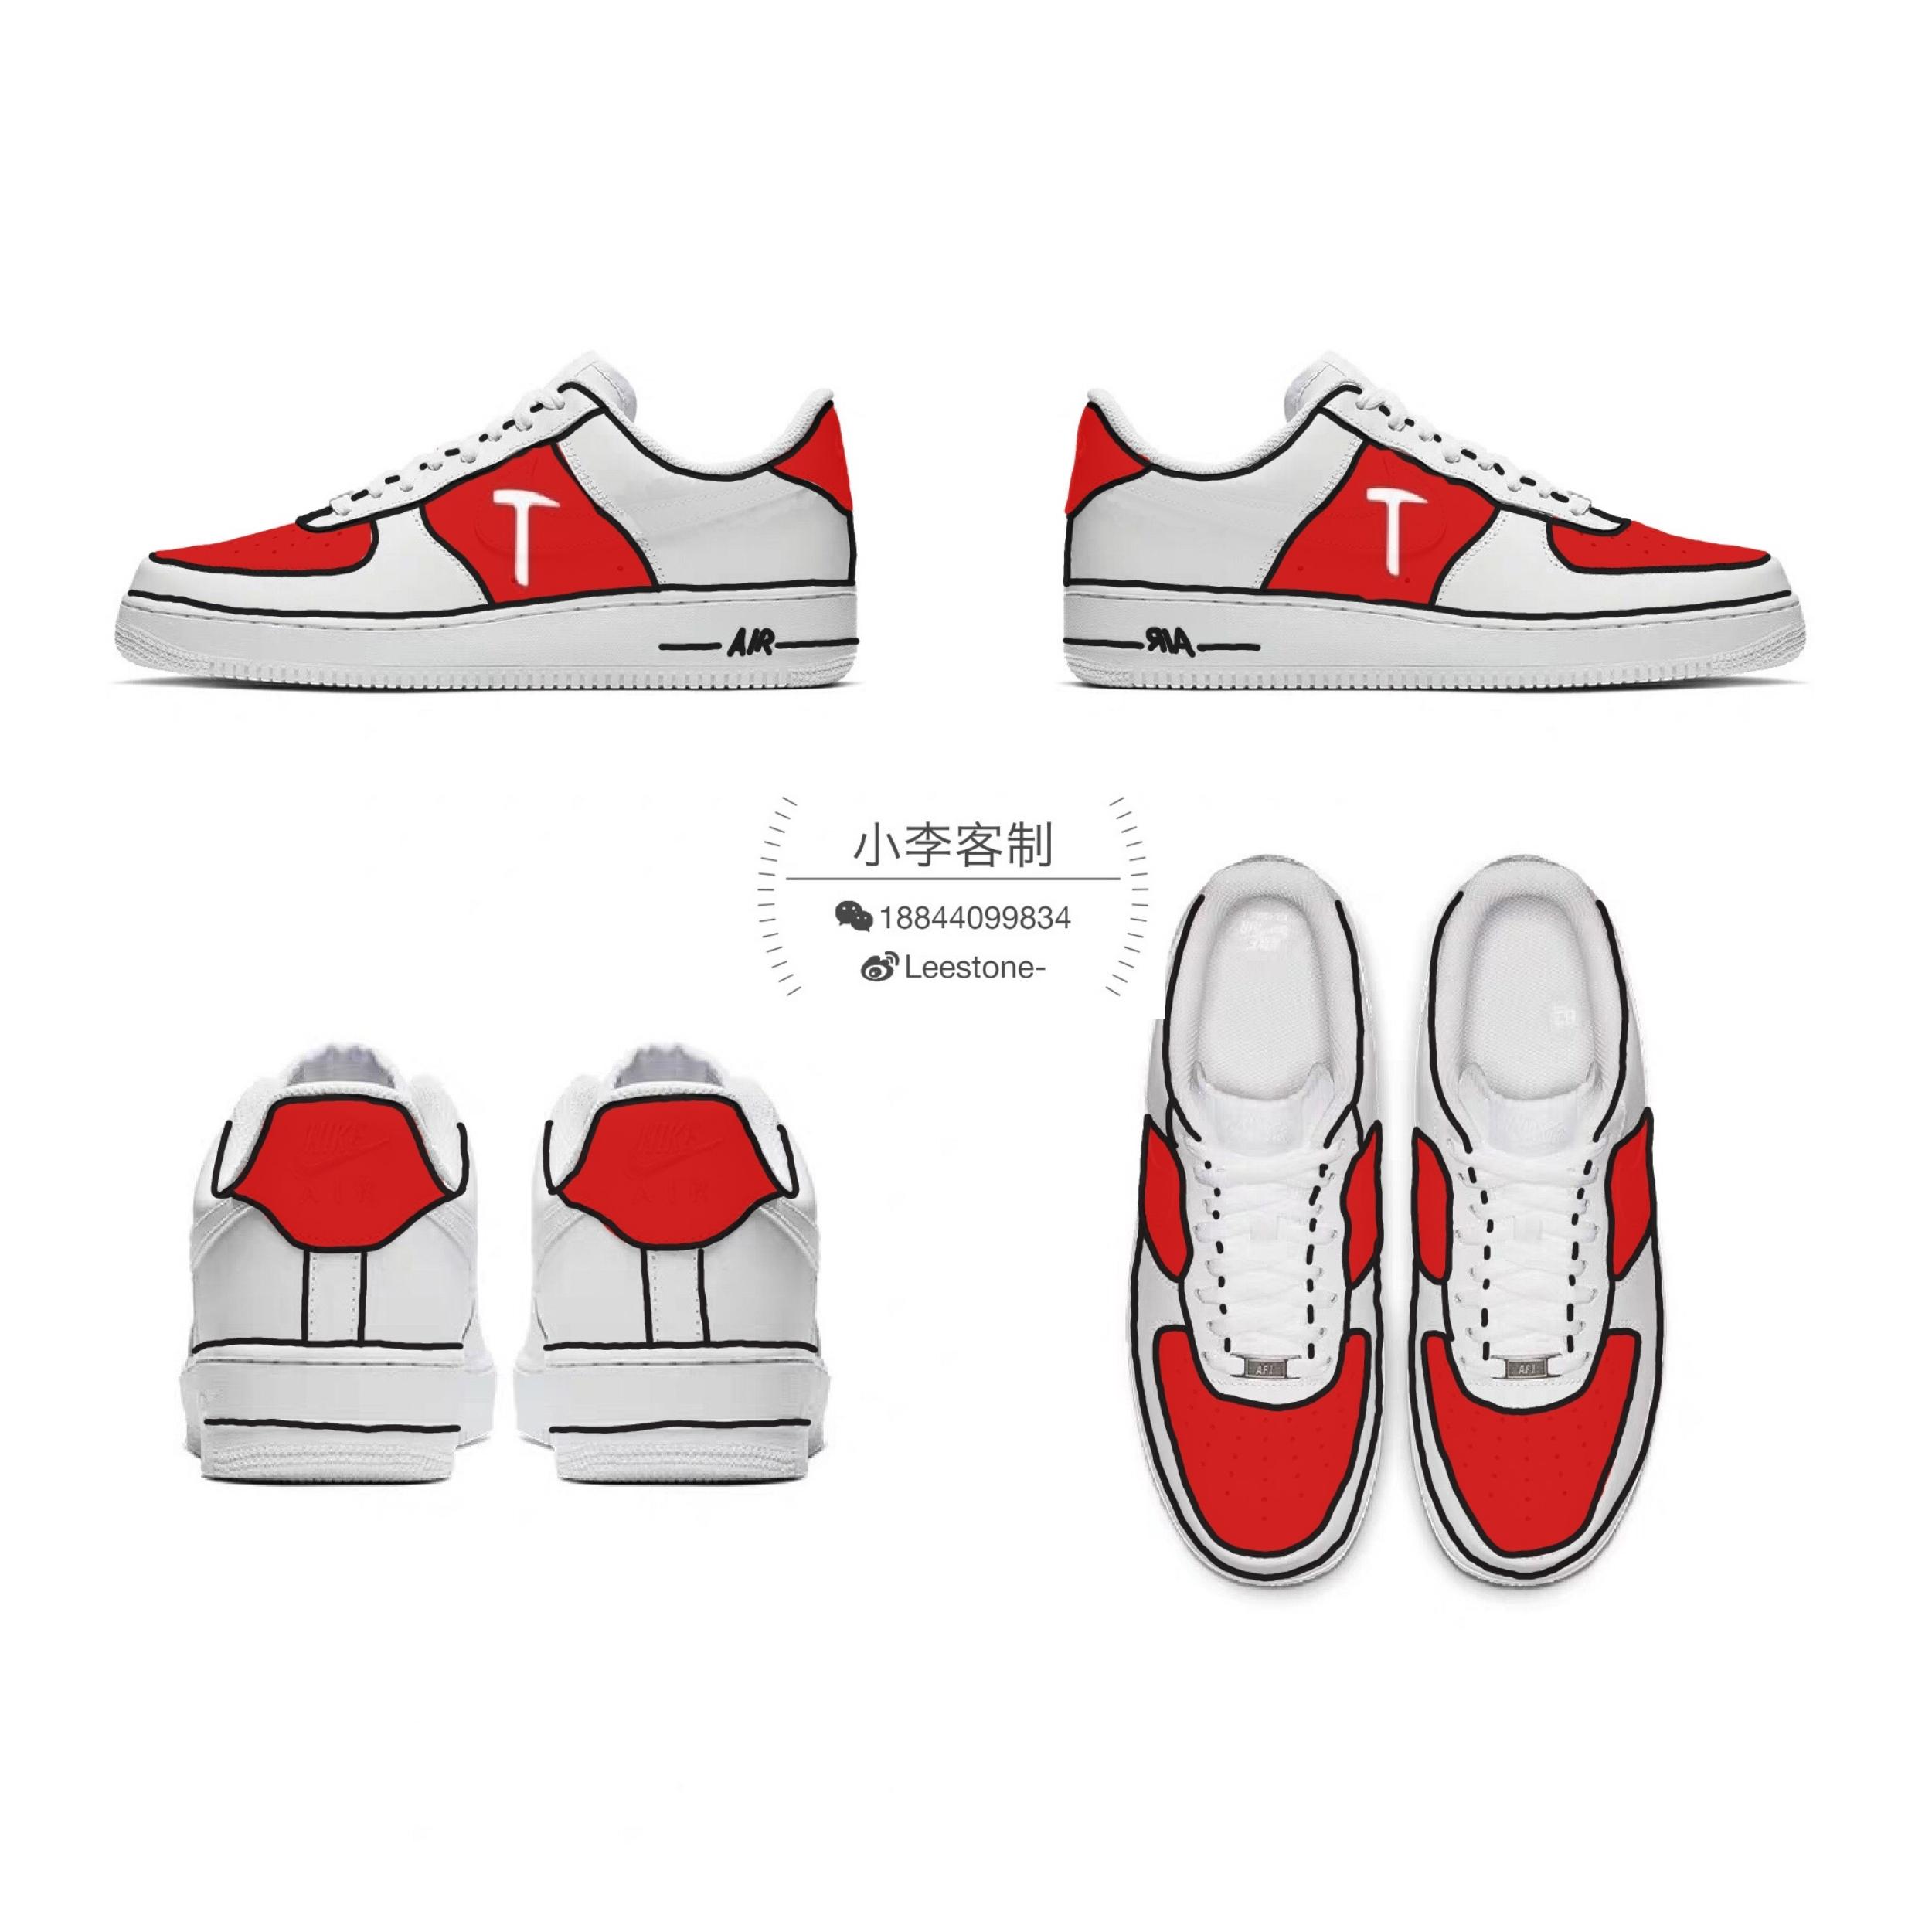 《Smartisan&AF1》球鞋客制设想